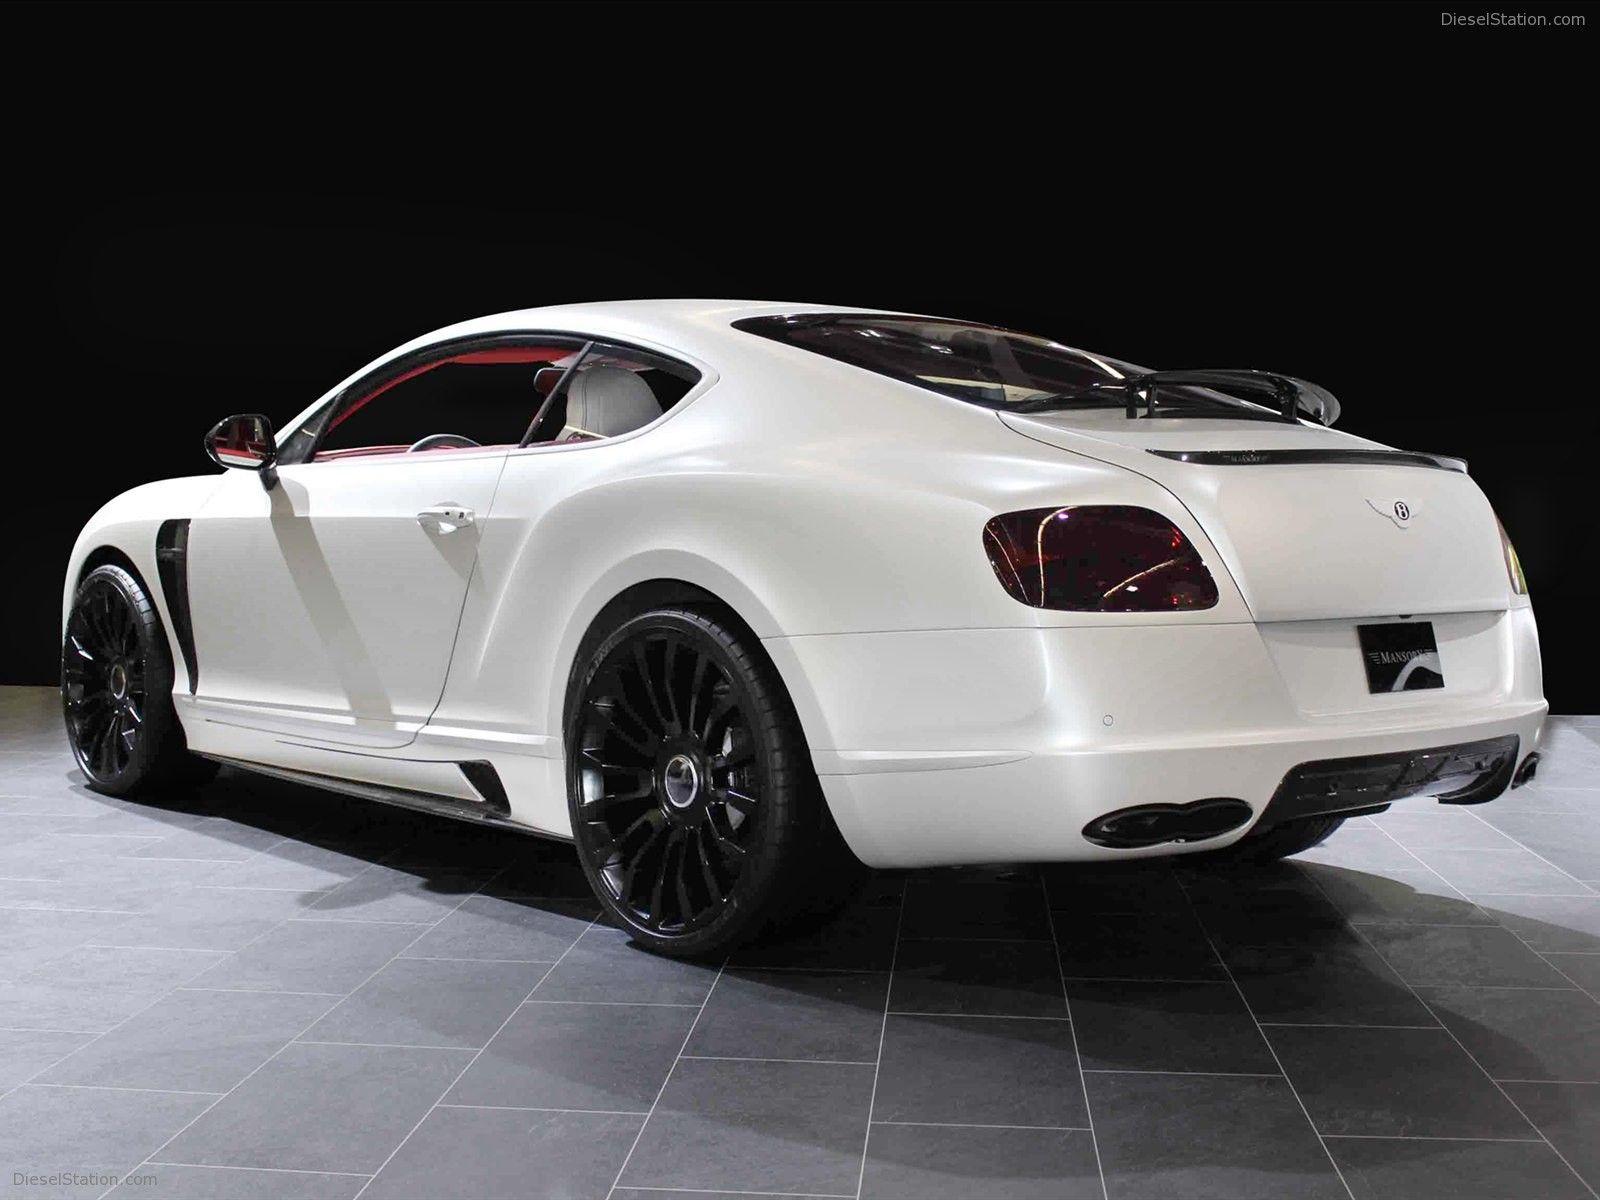 DelortaeAgency Drake in his Bentley Continental GTC droptop